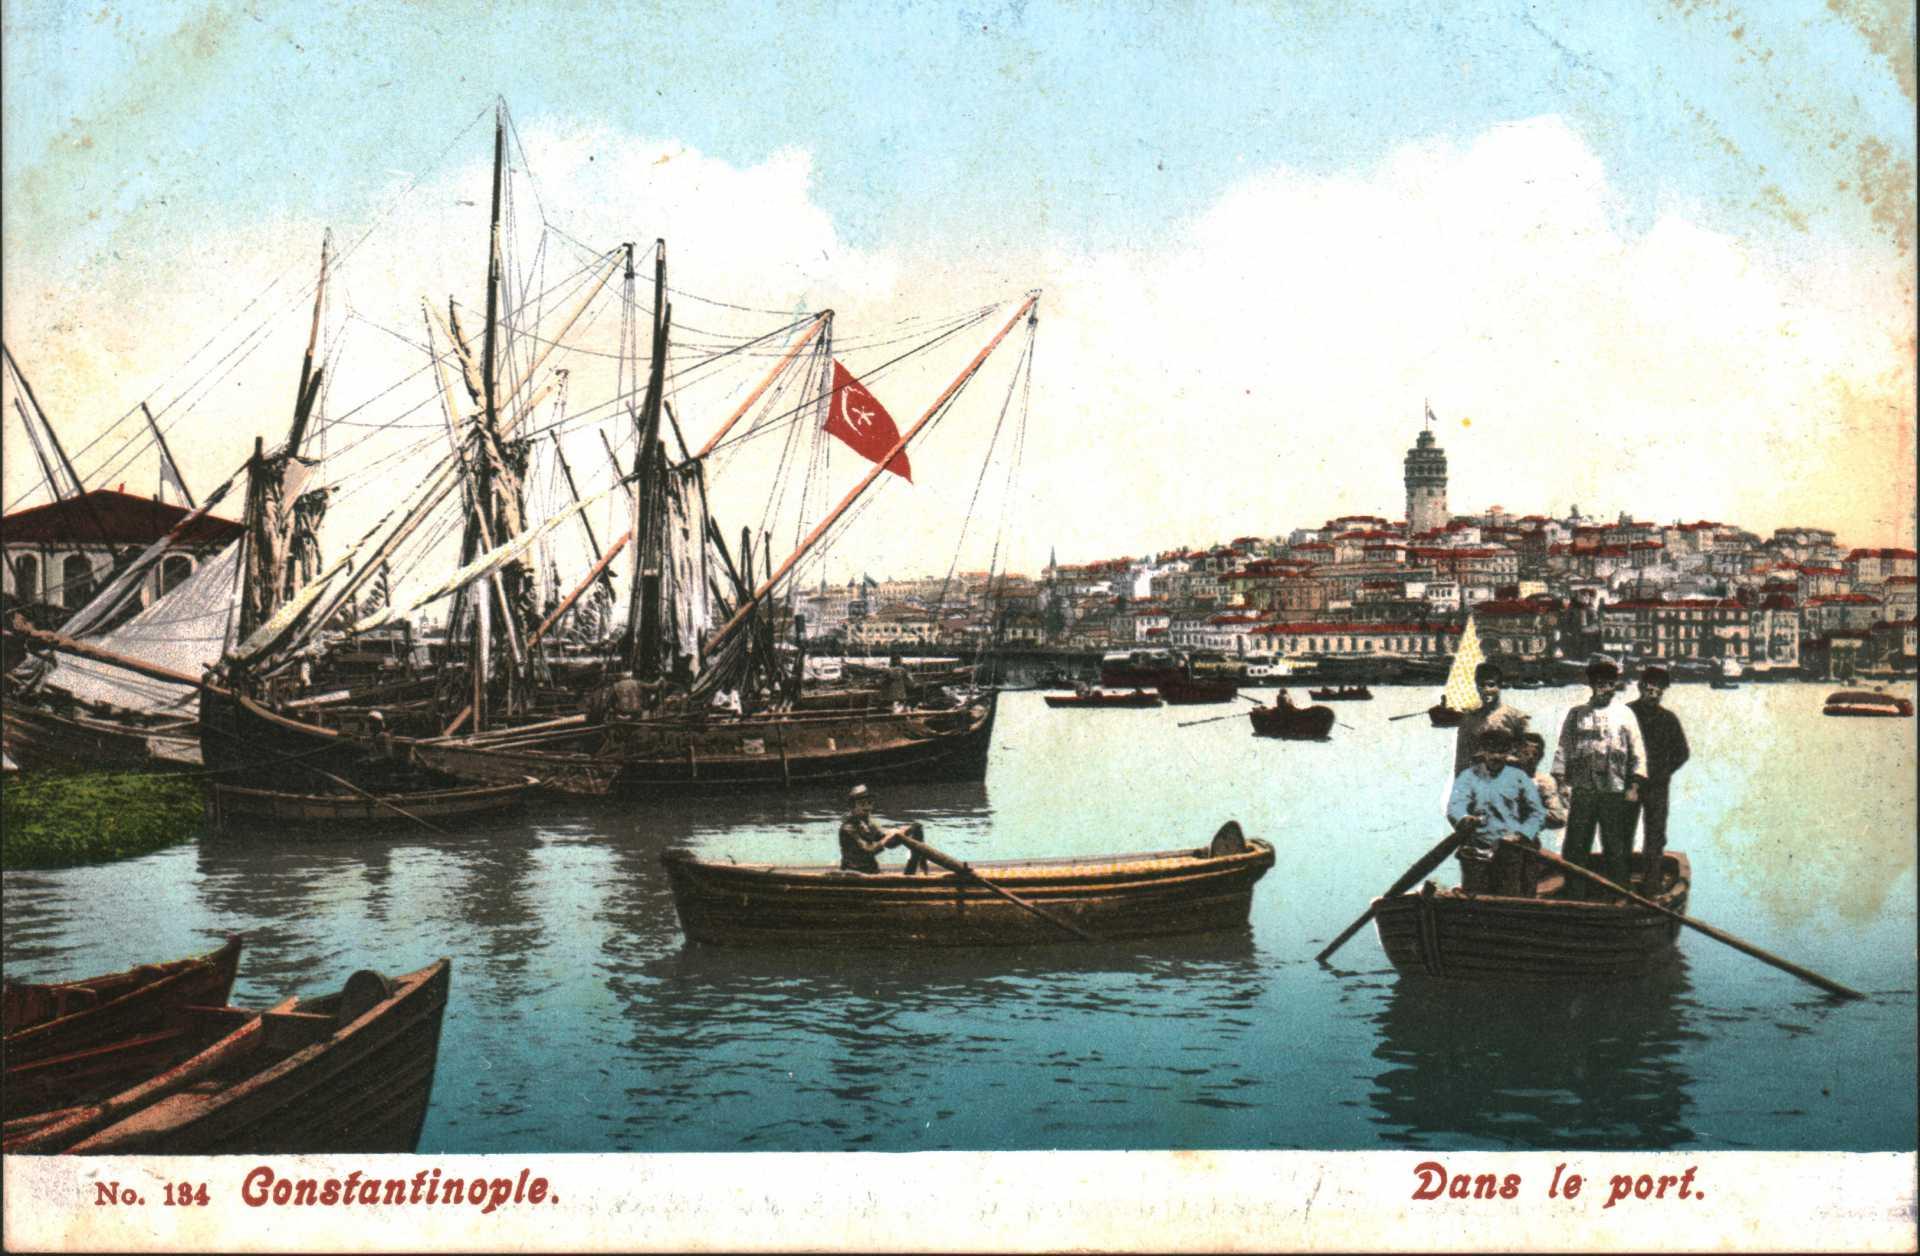 Constantinople. Dans le port